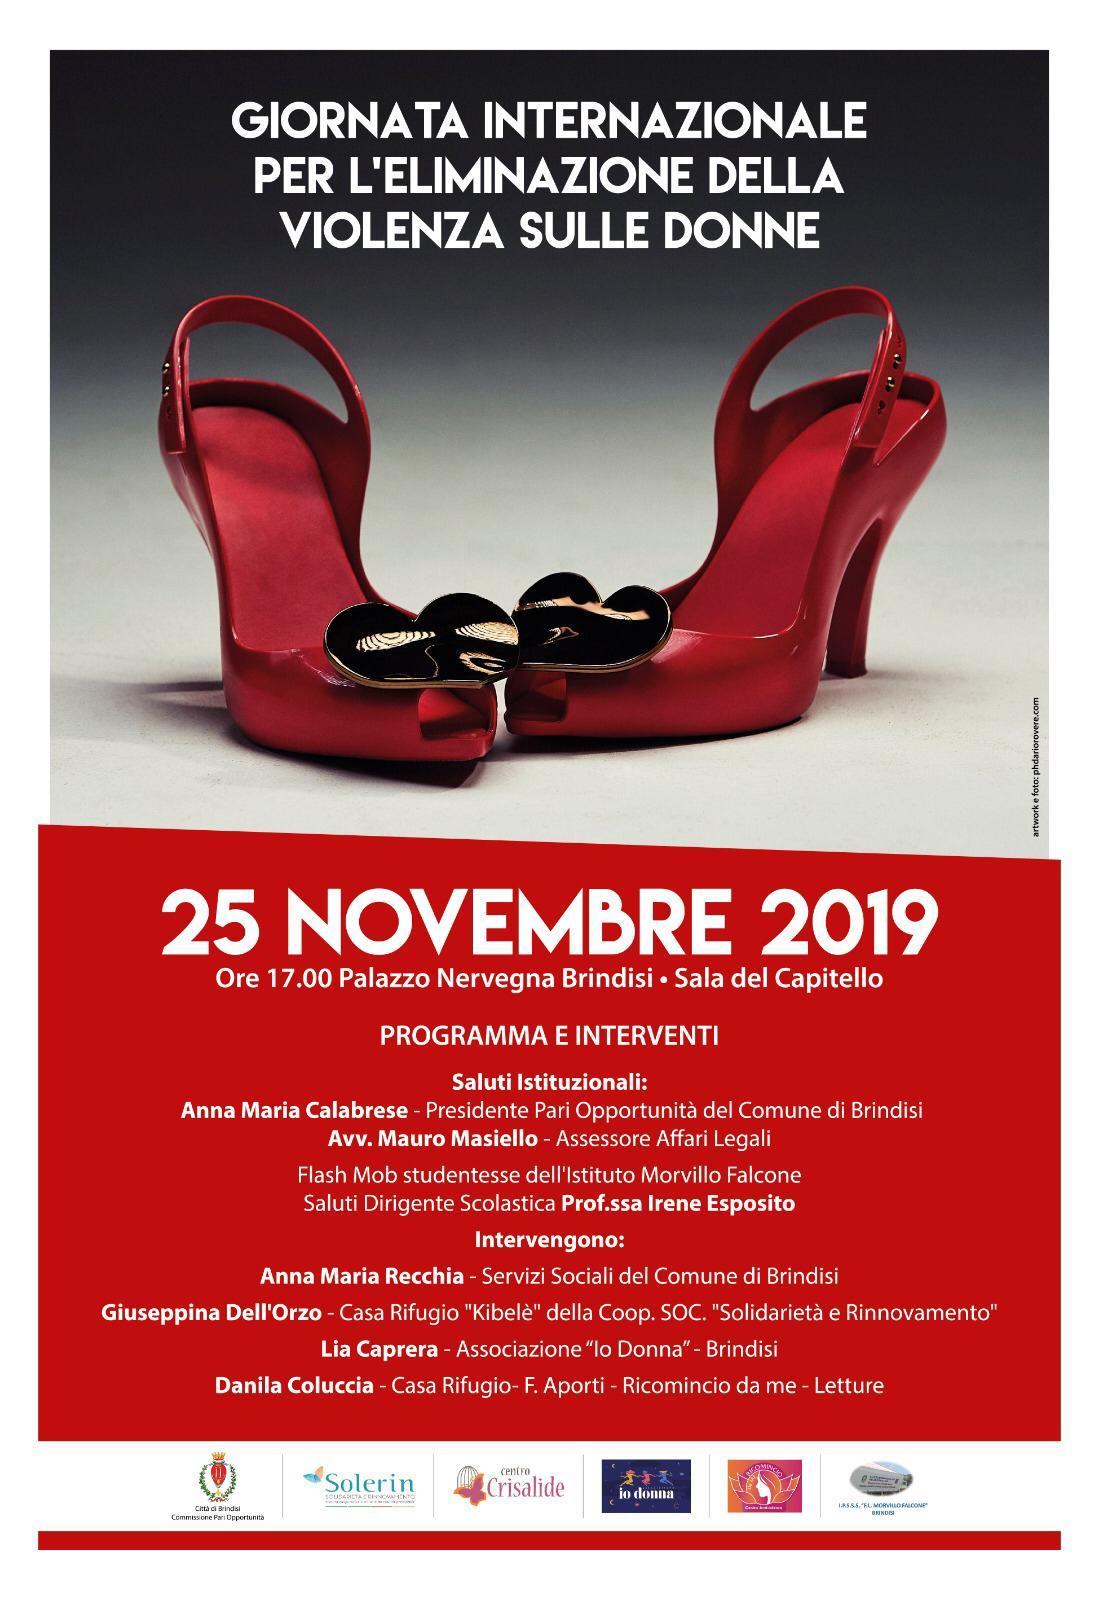 giornata contro la violenza sulle donne incontro a palazzo nervegna brindisitime it network news da brindisi e provincia brindisitime it